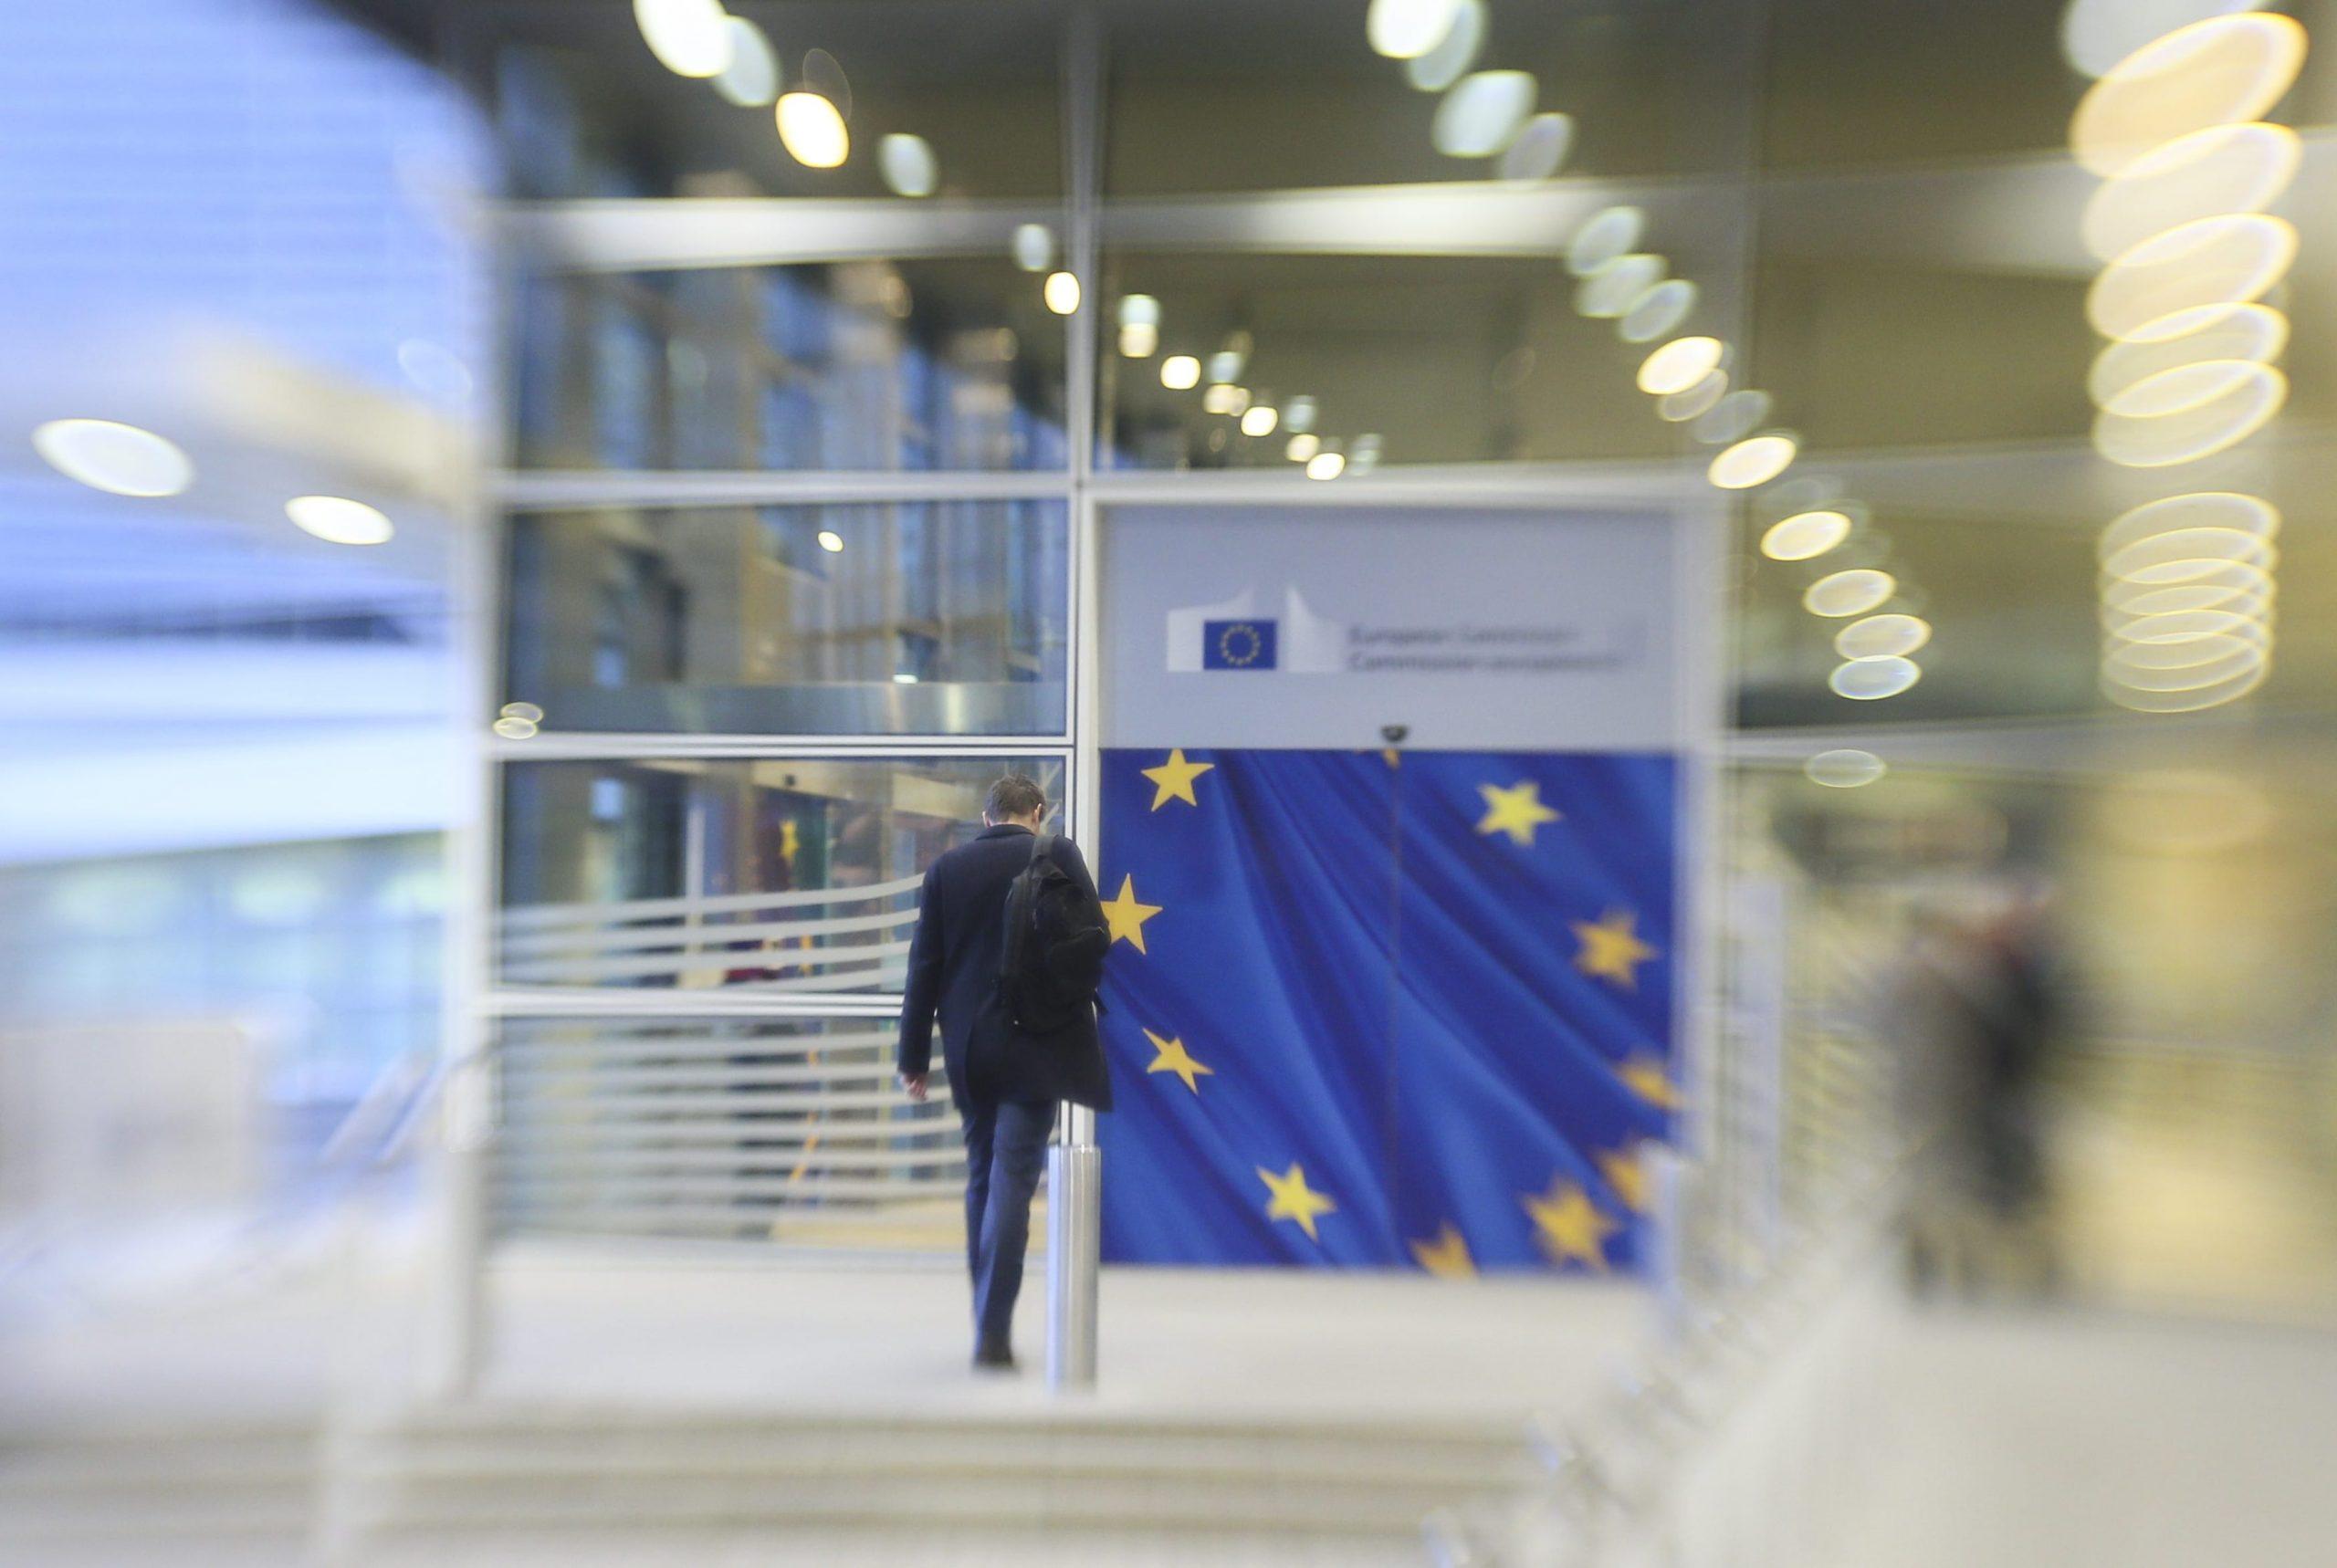 ¿Está aprendiendo la UE alguna lección de la pandemia?